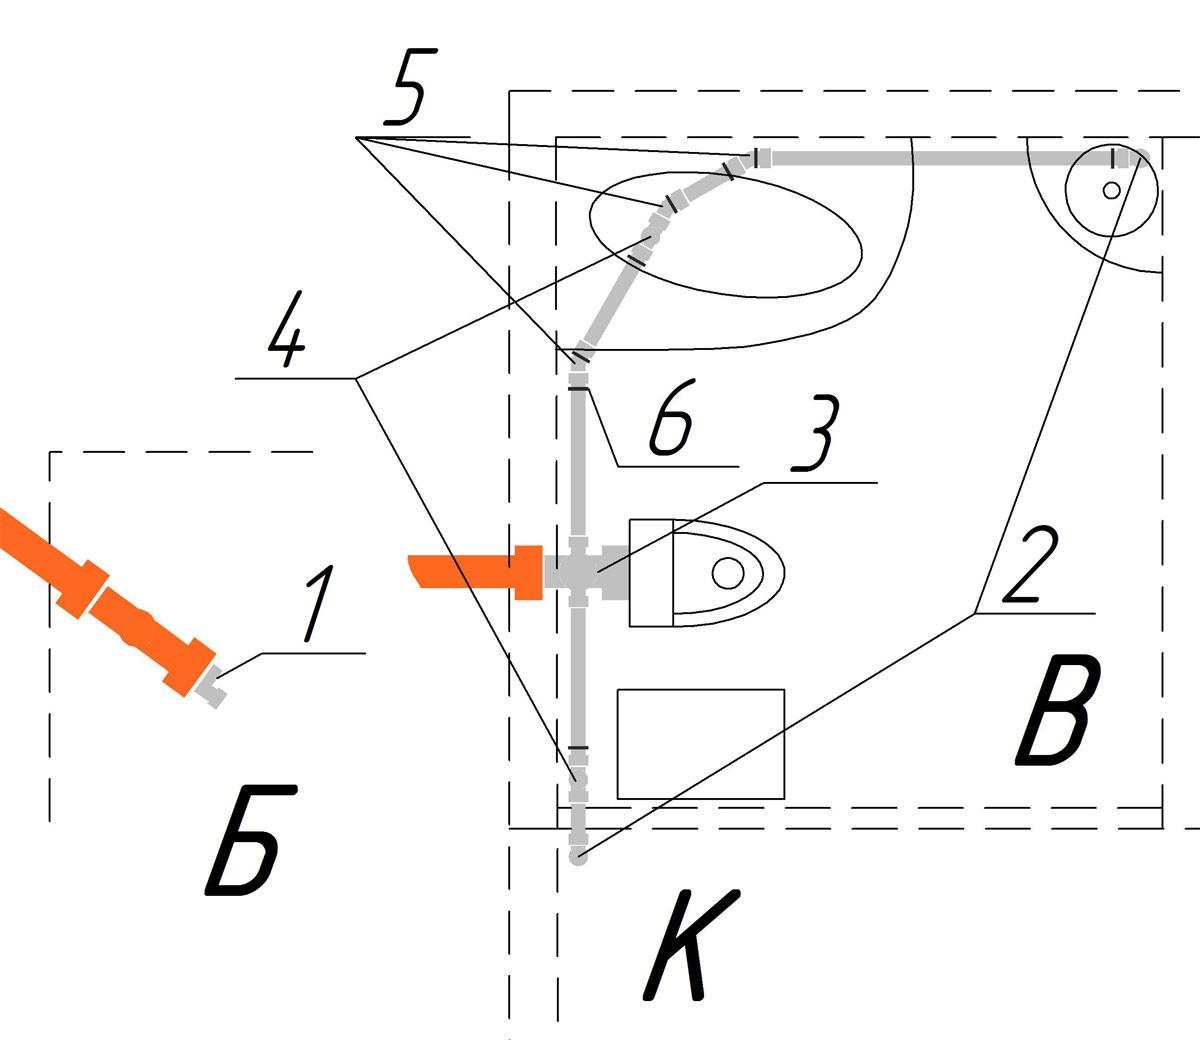 Прокладка канализационных труб в частном доме схема